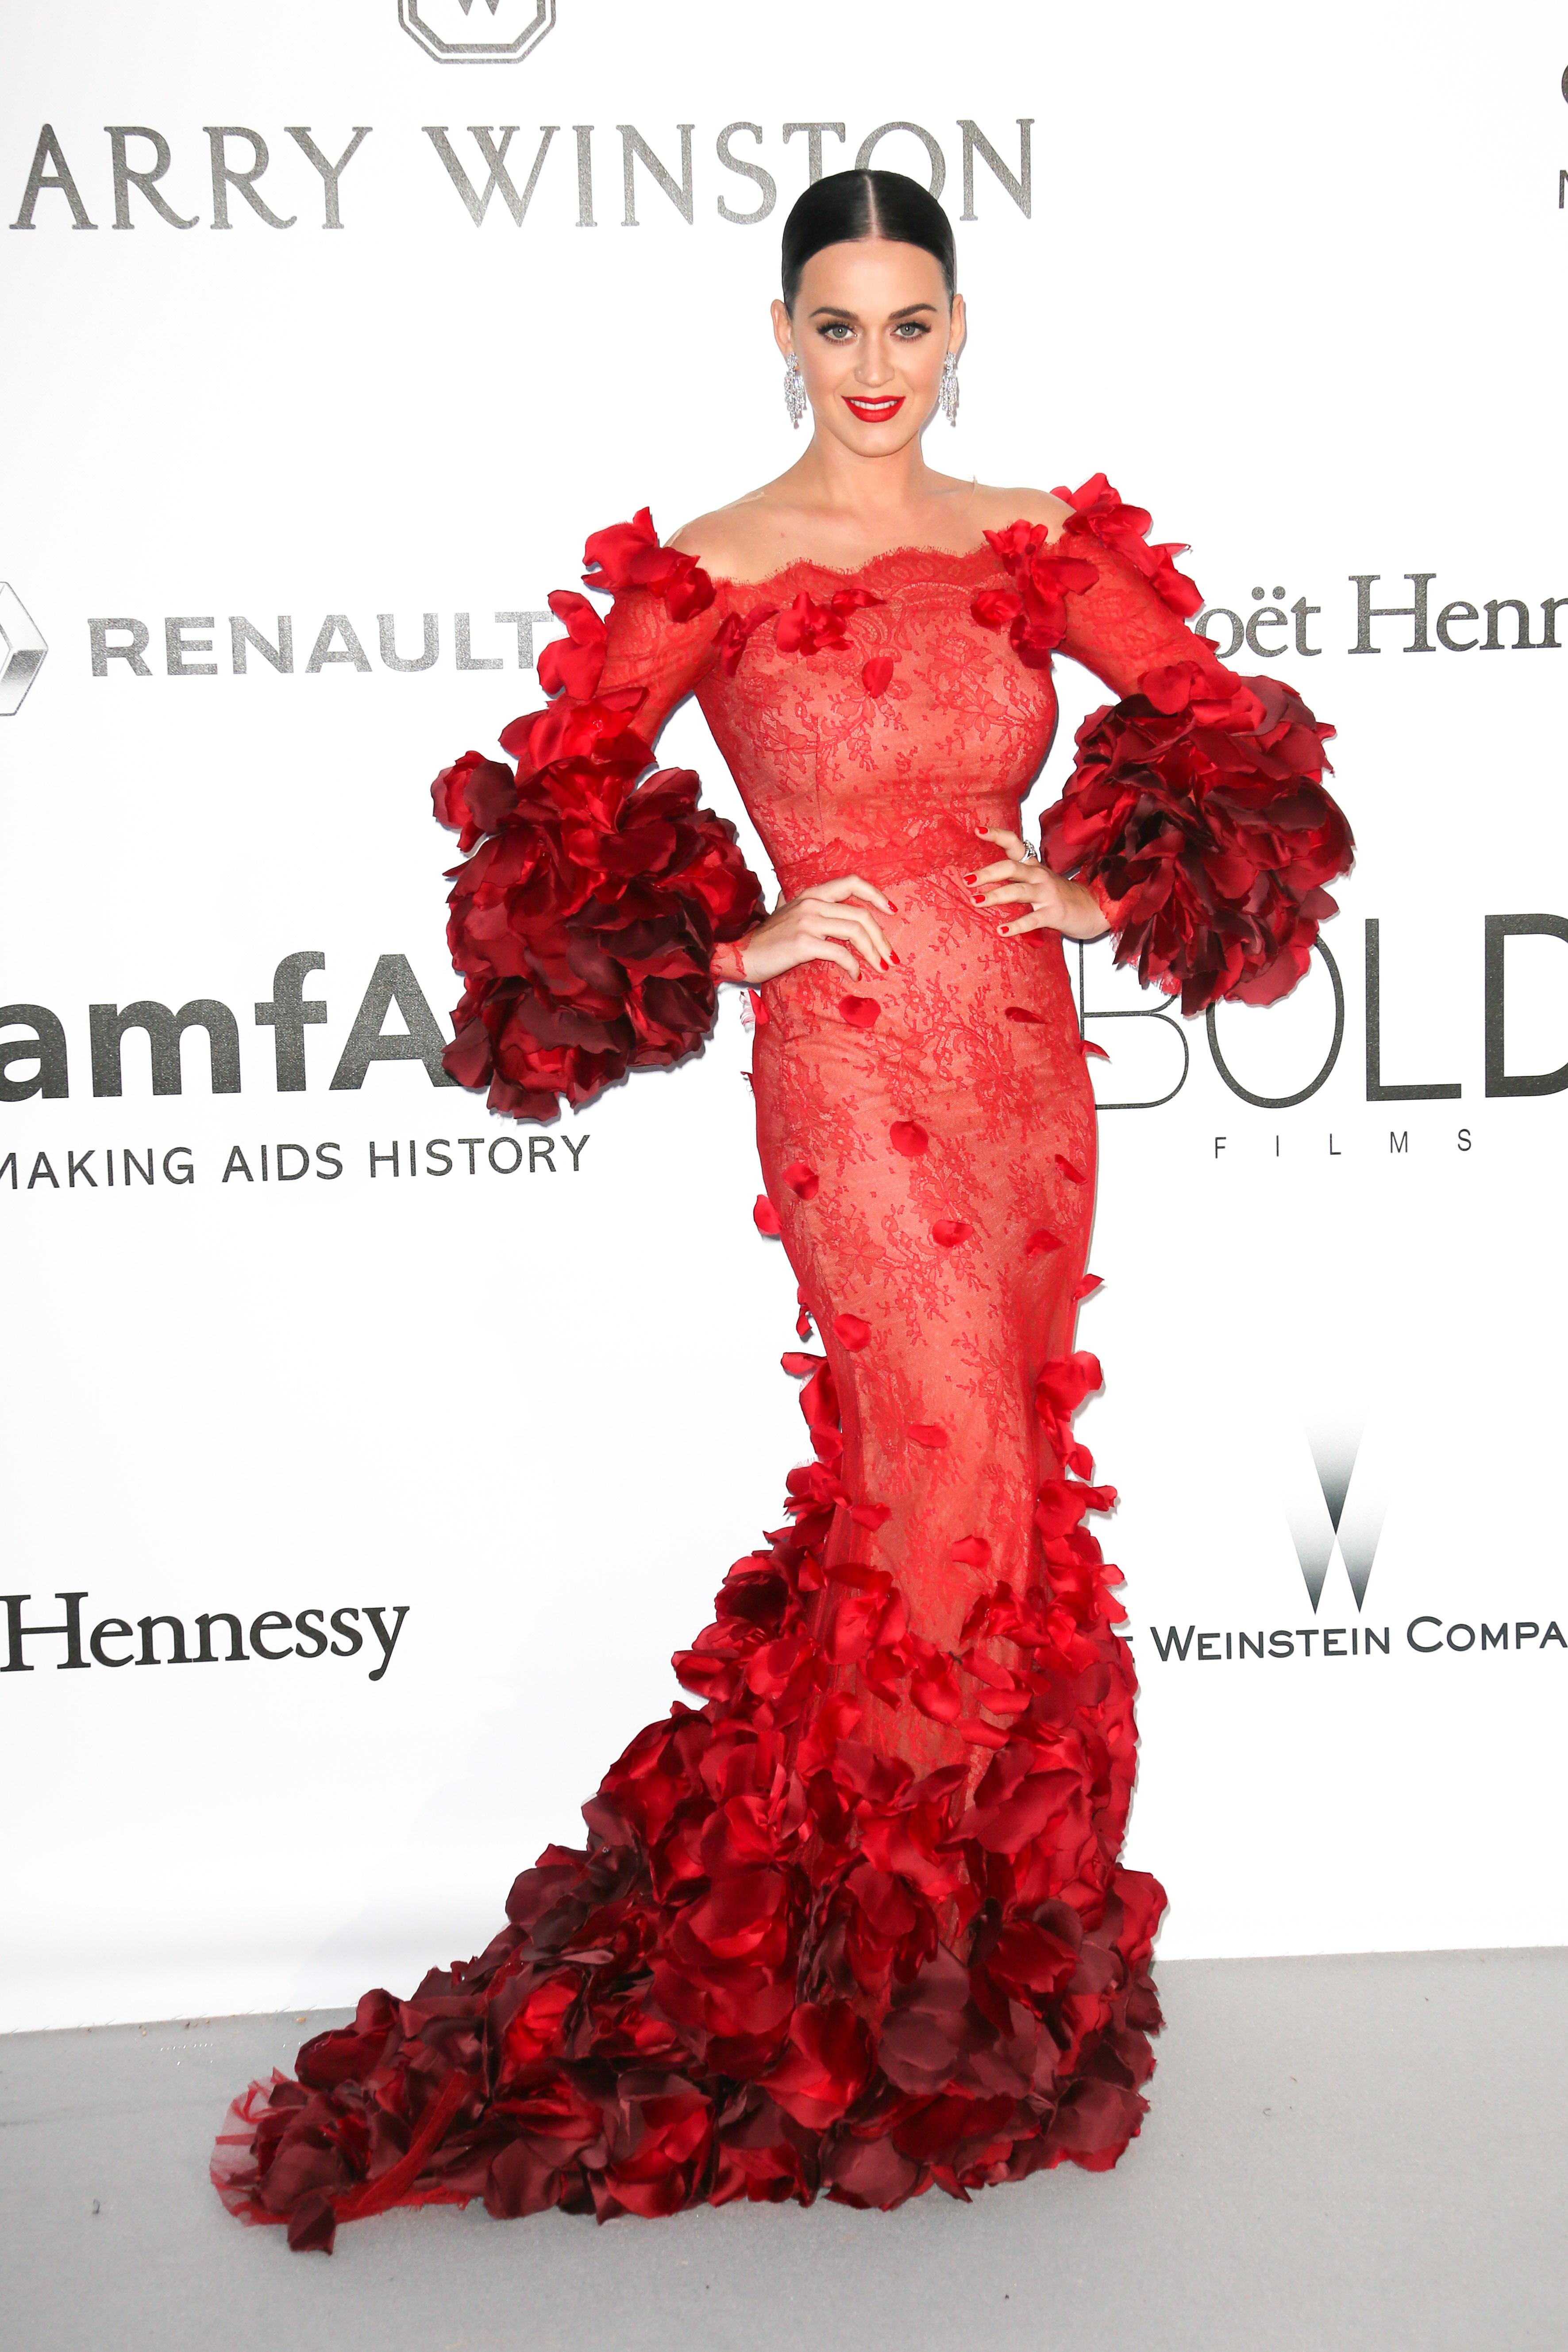 二〇一六年,Katy Perry穿上Marchesa晚裝出席amfAR Ball,其設計充滿法蘭明歌舞衣的影子。